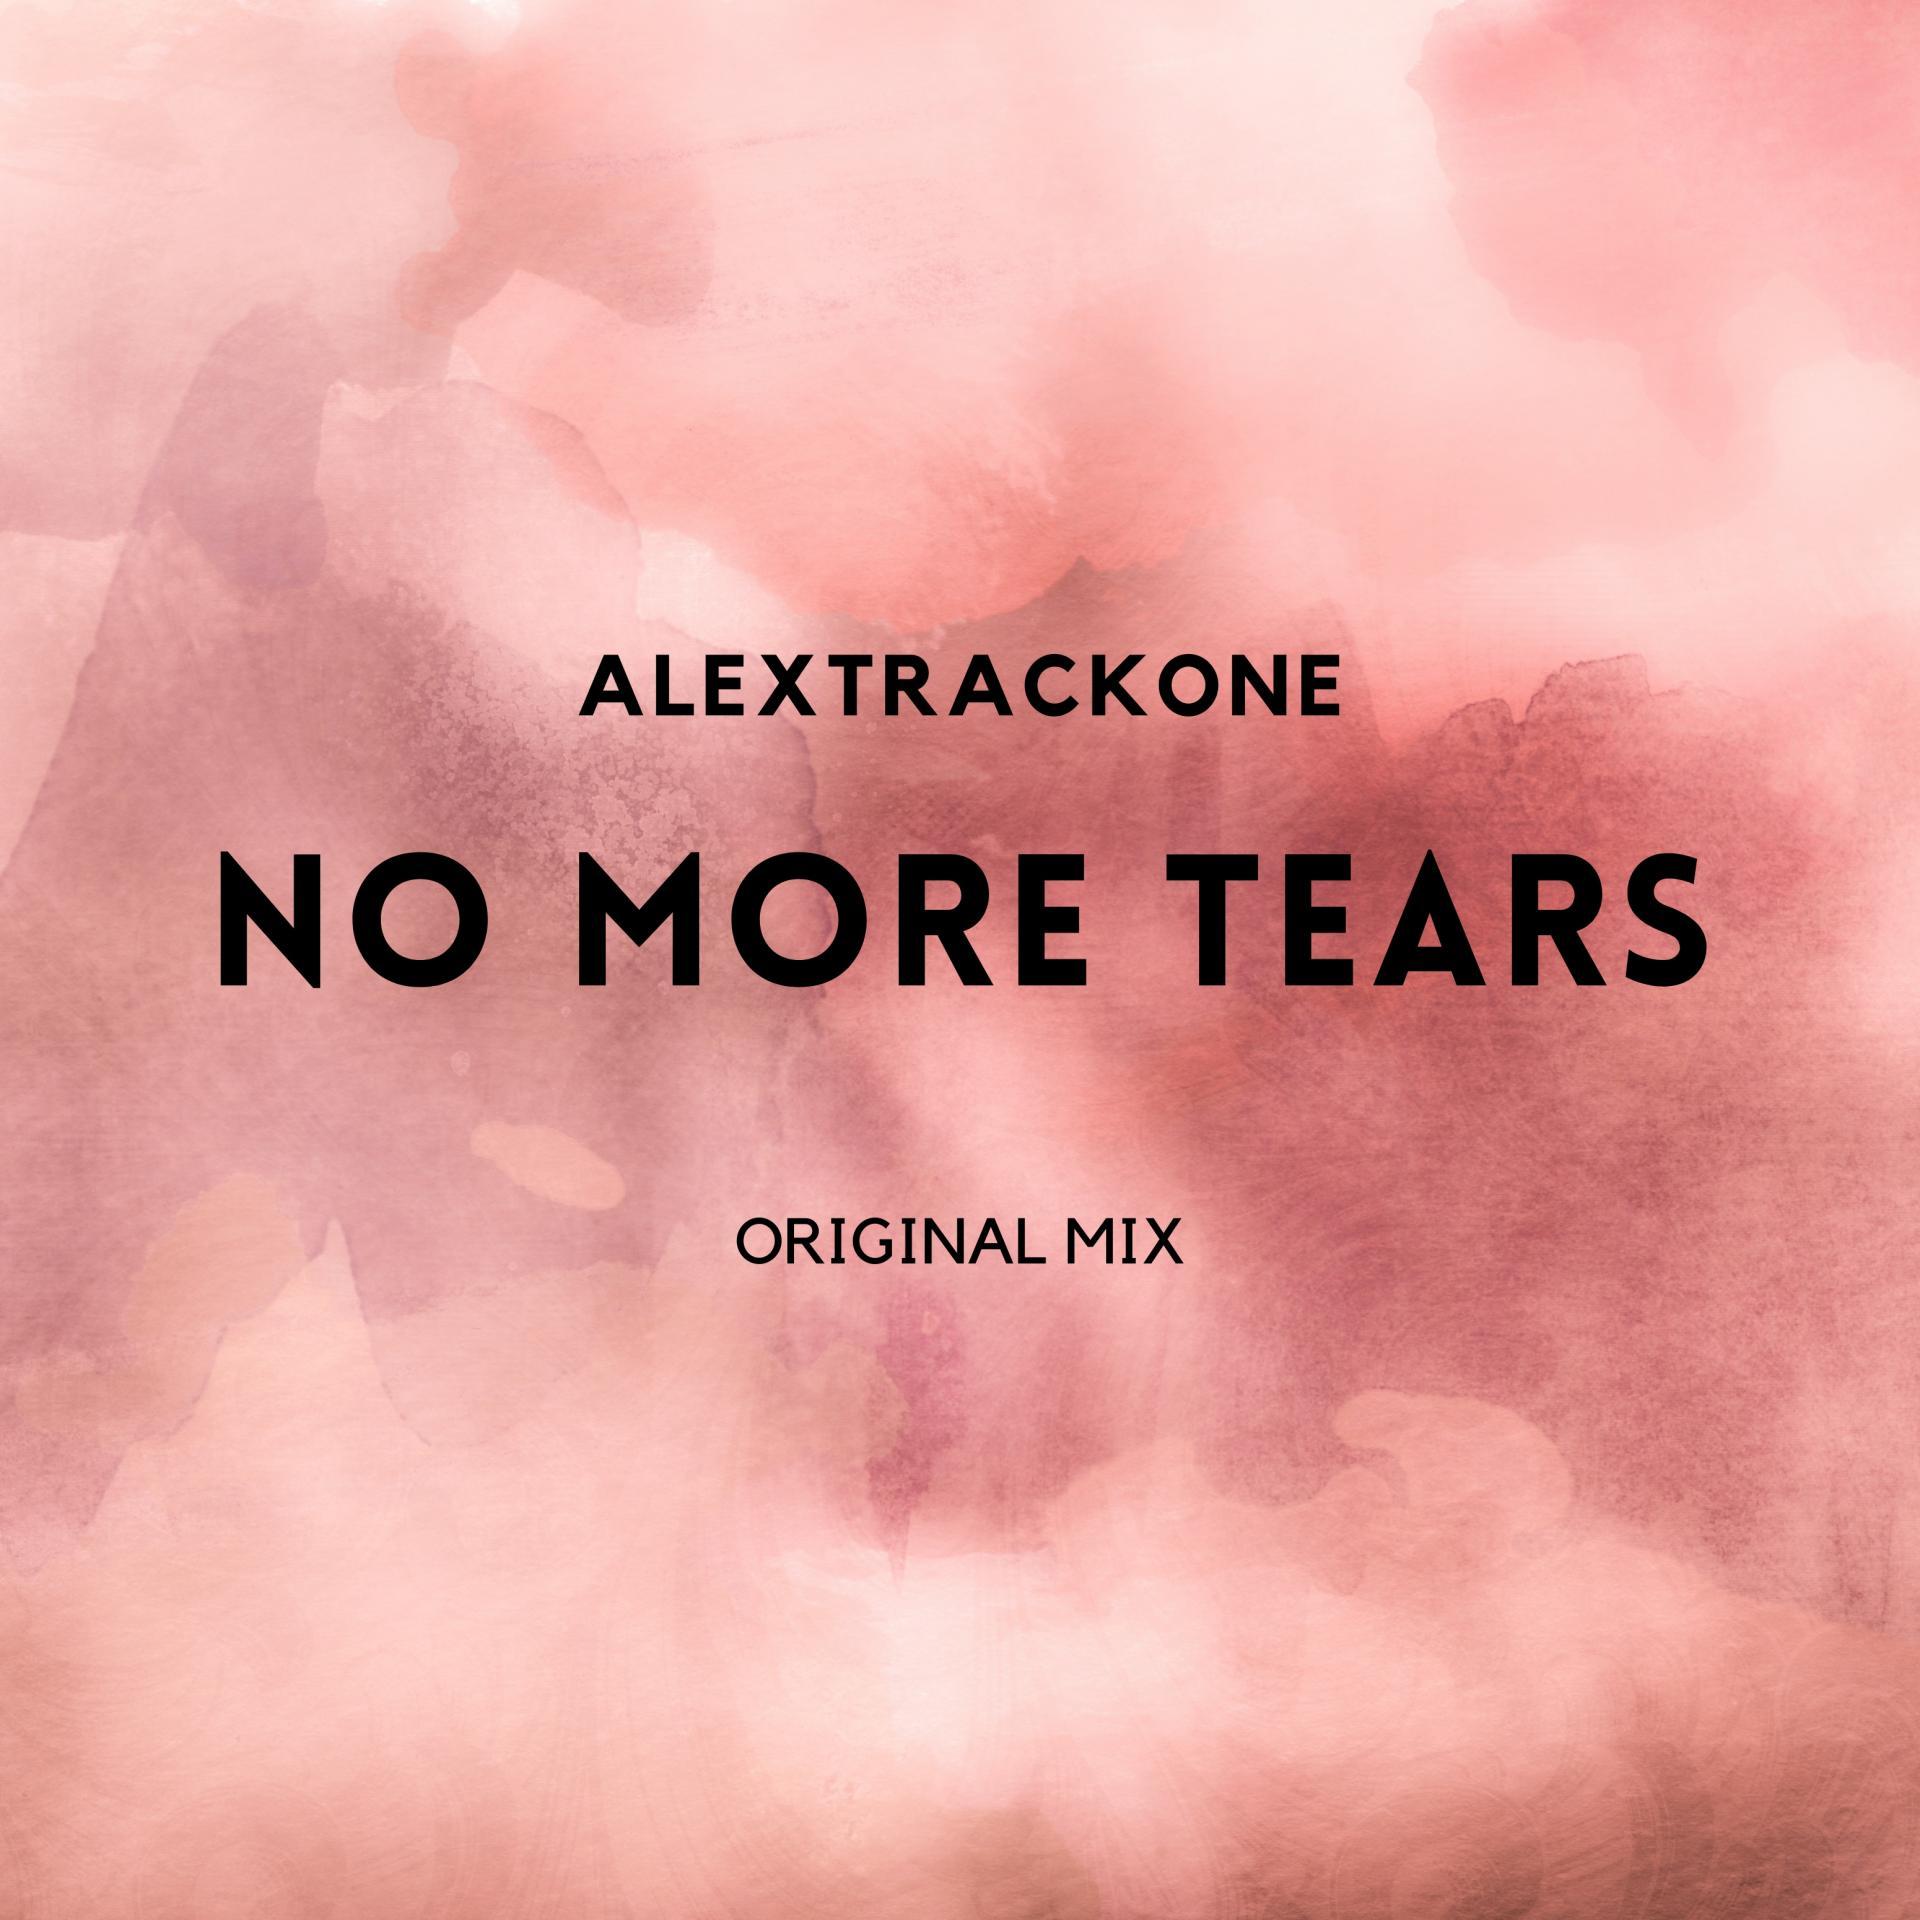 NO MORE TEARS -ORIGINAL MIX-